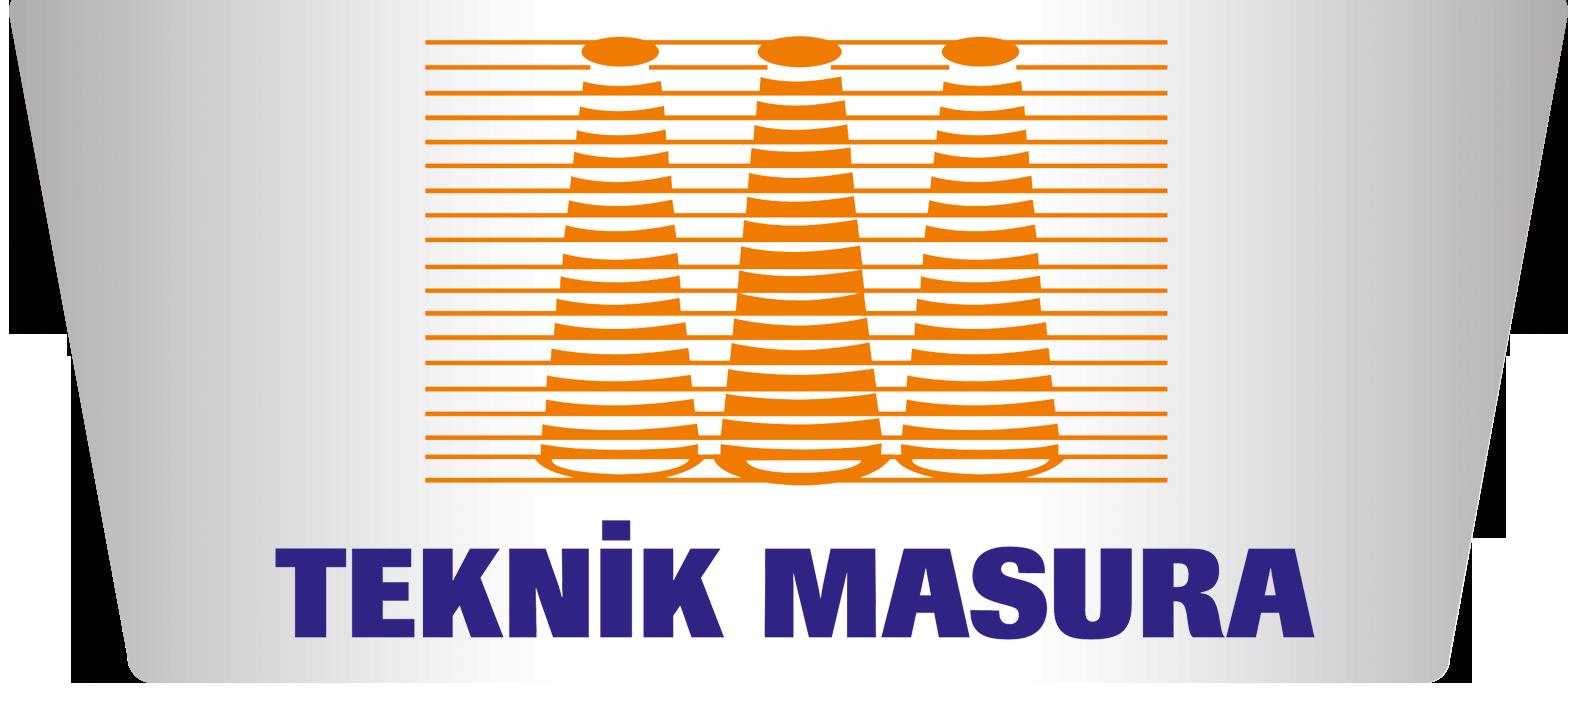 Teknik Masura